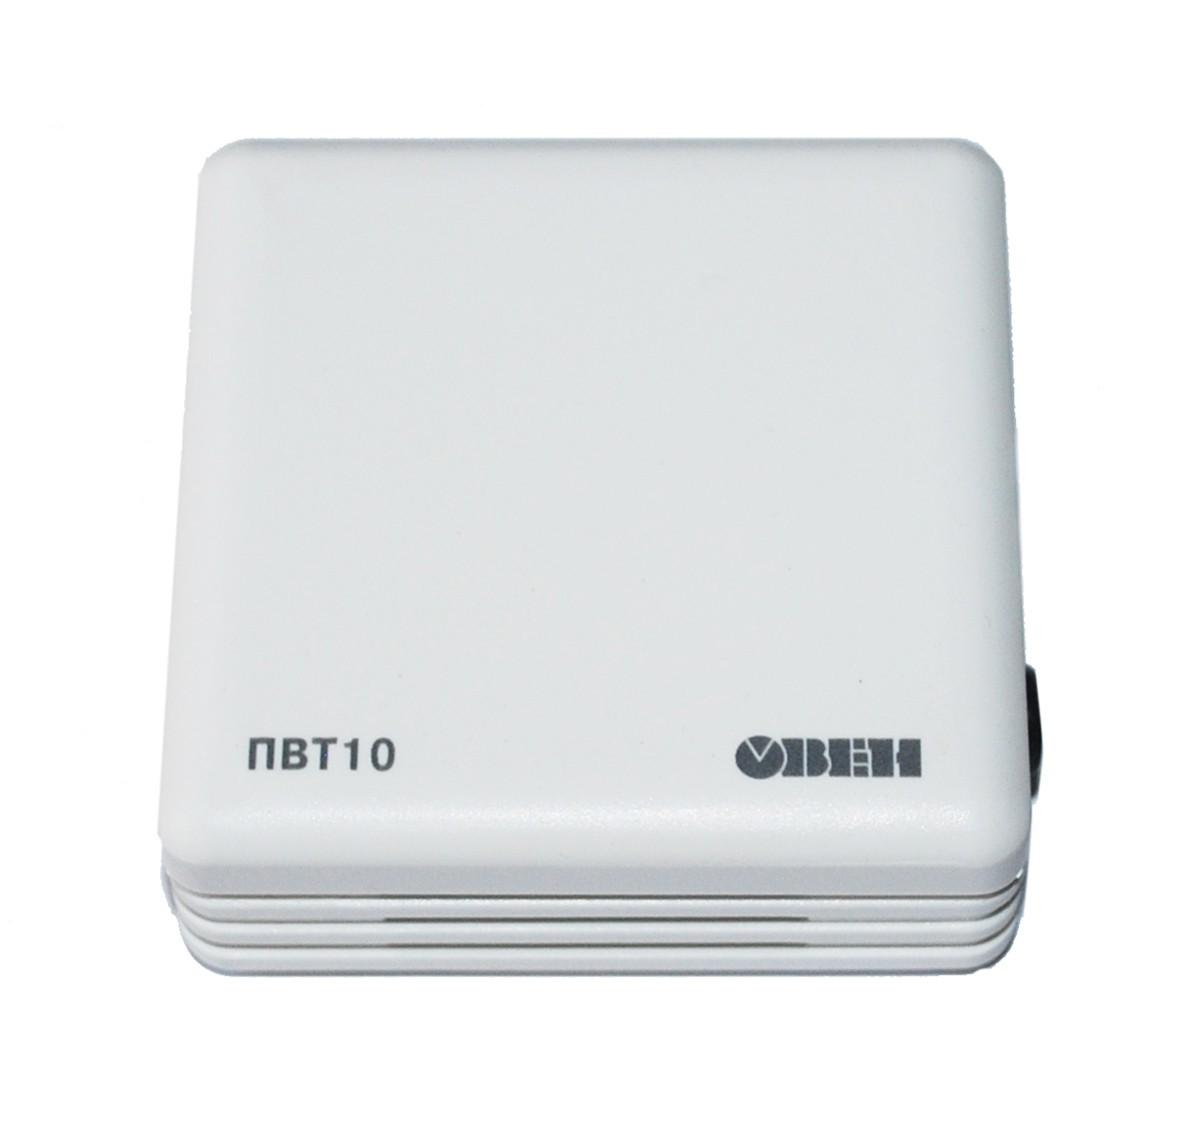 ПВТ10 датчик (преобразователь) влажности и температуры воздуха